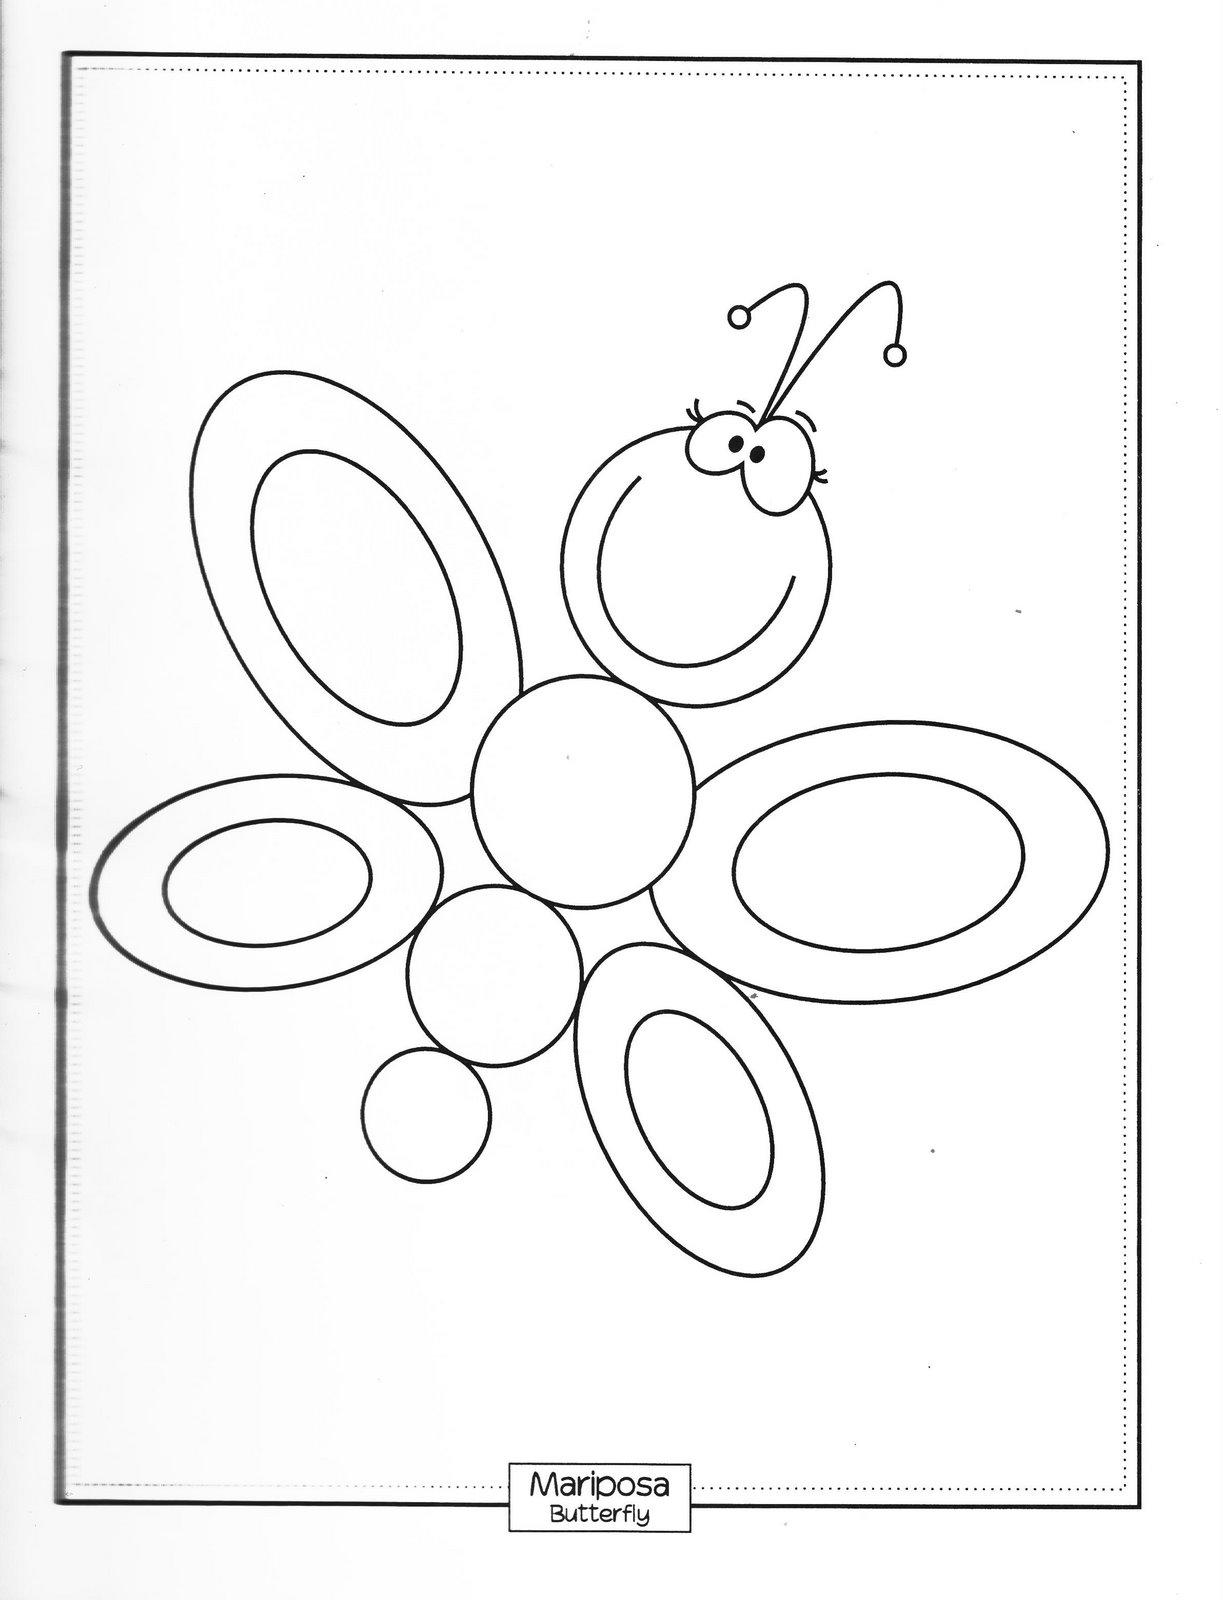 Menta m s chocolate recursos y actividades para educaci n infantil libro de animales para - Figuras para decorar ...